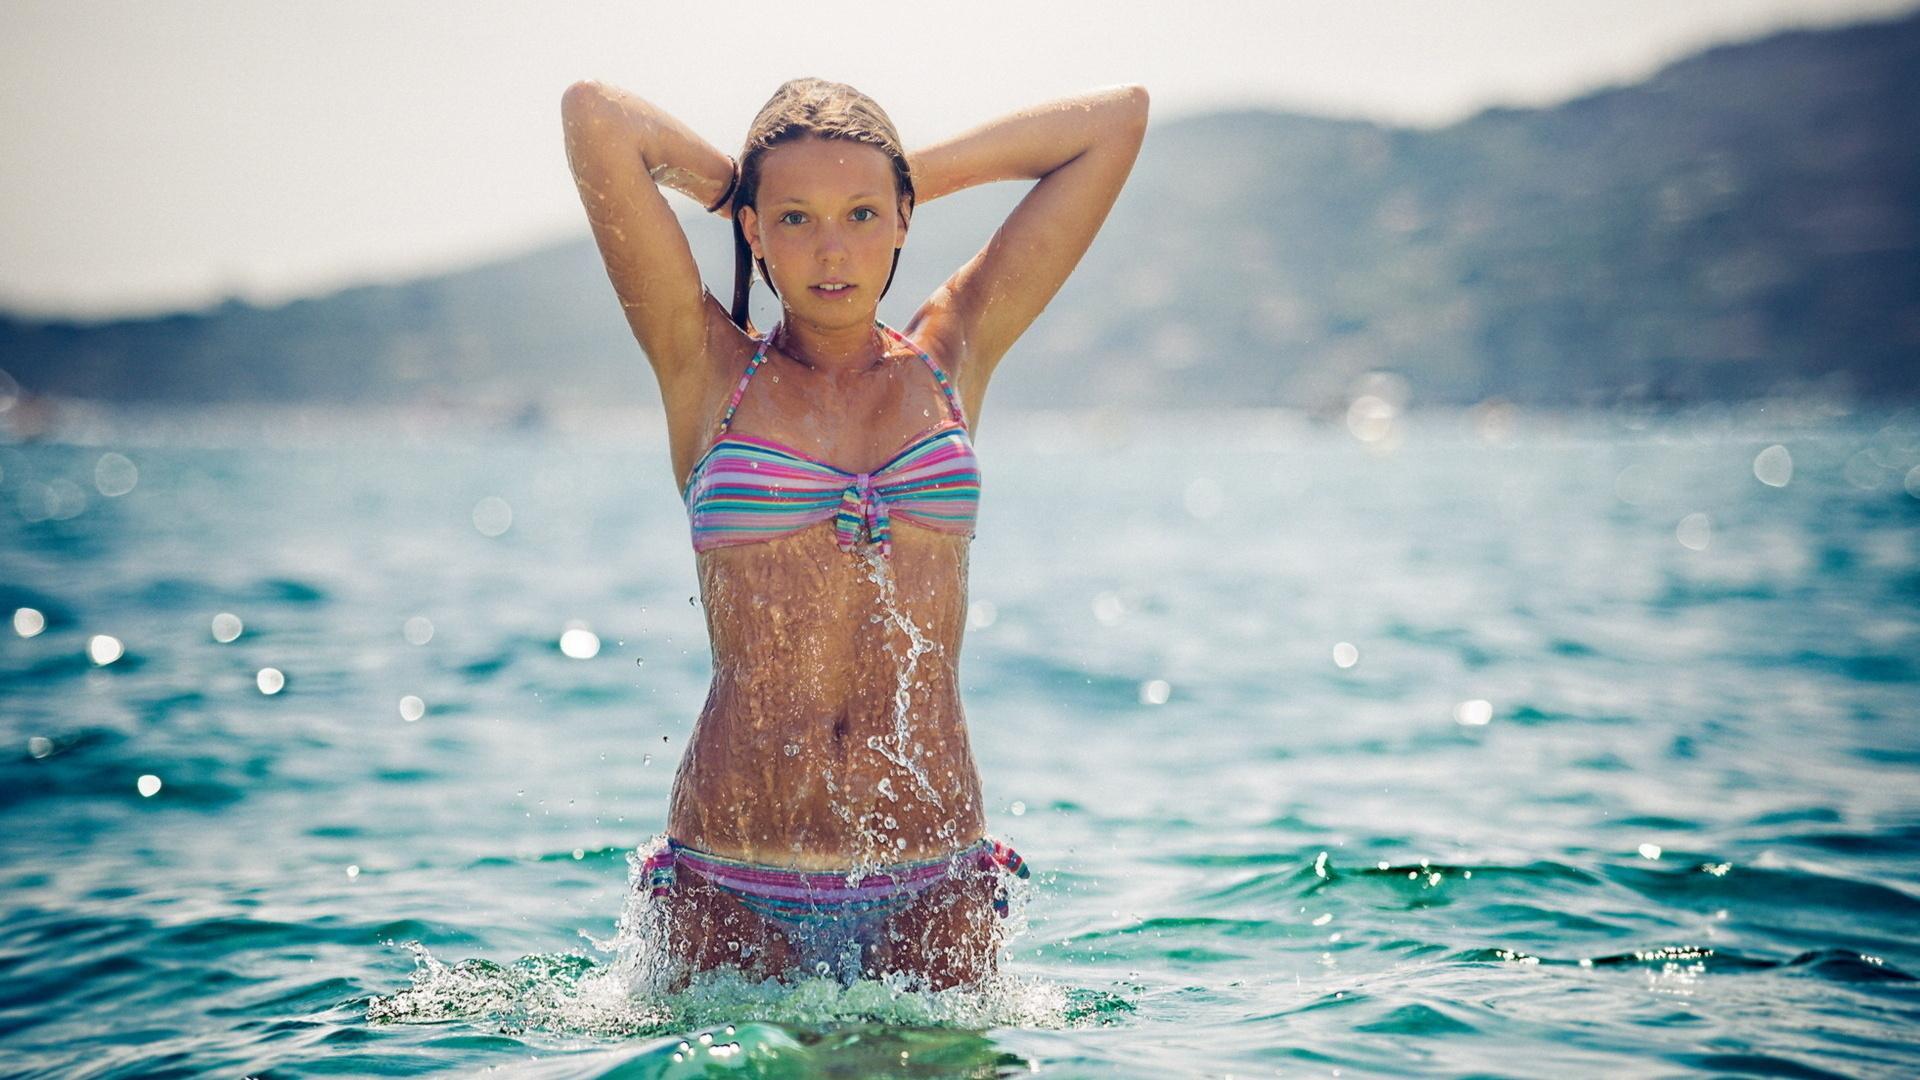 какова причина скач бесп голенких несовершенно летних и в купальниках марке машины номерам